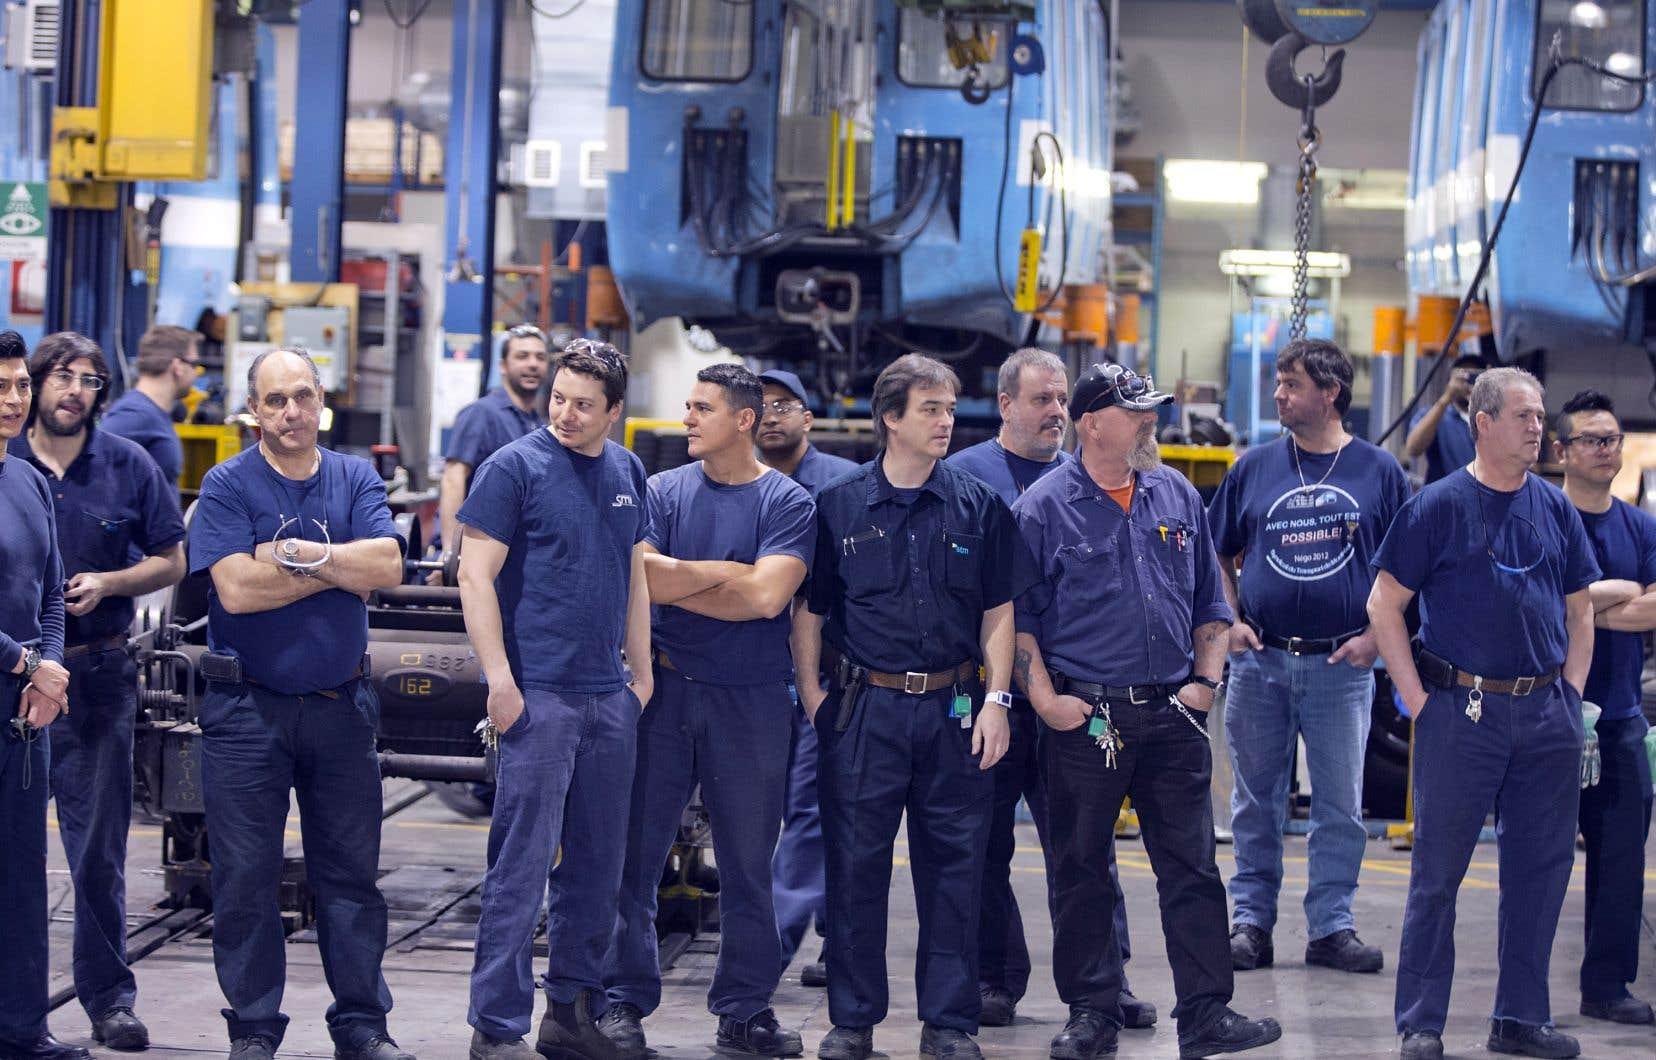 Pour répondre dans l'immédiat à la pénurie de main-d'oeuvre, Québec mise sur les travailleurs de 60 ans et plus, qu'il veut inciter à rester au moins partiellement sur le marché du travail.